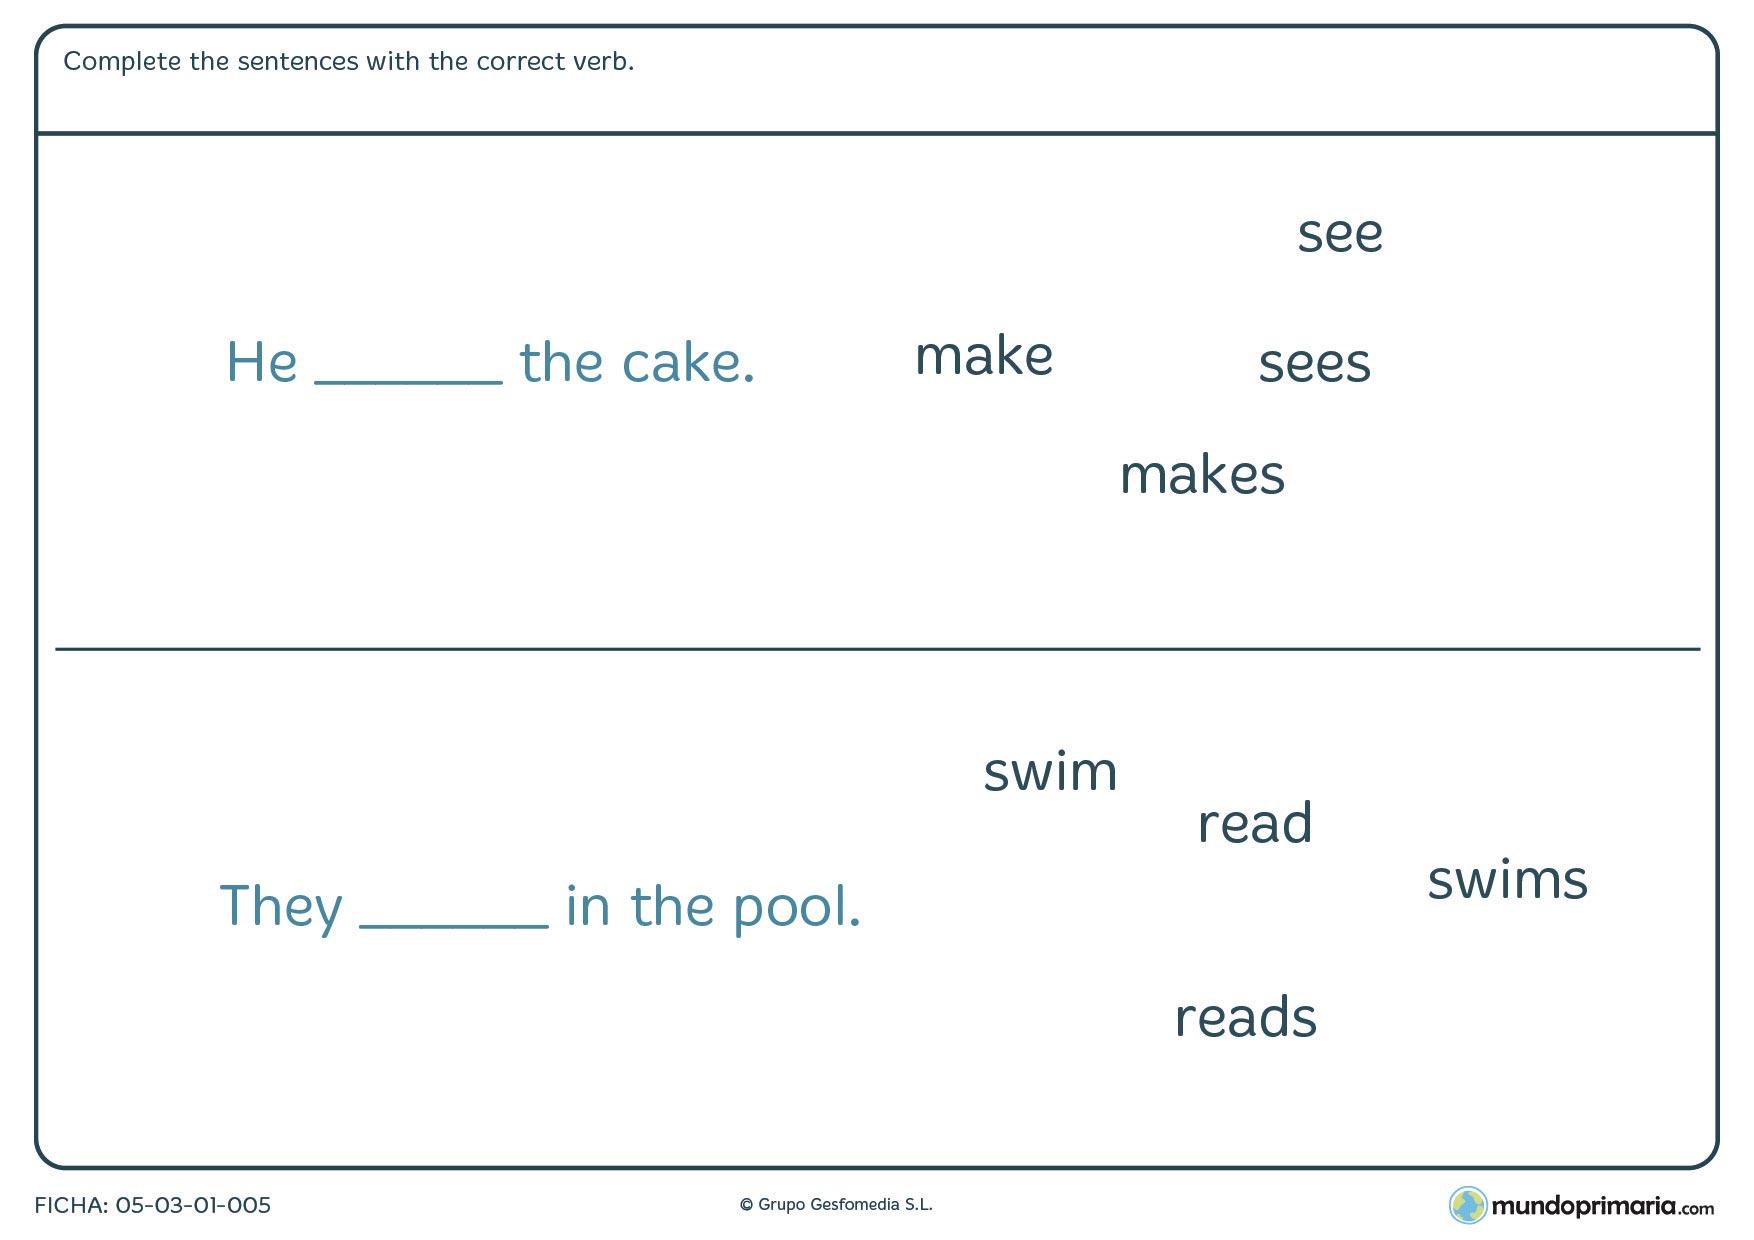 Ficha en la que hay que colocar el verbo en la frase en inglés